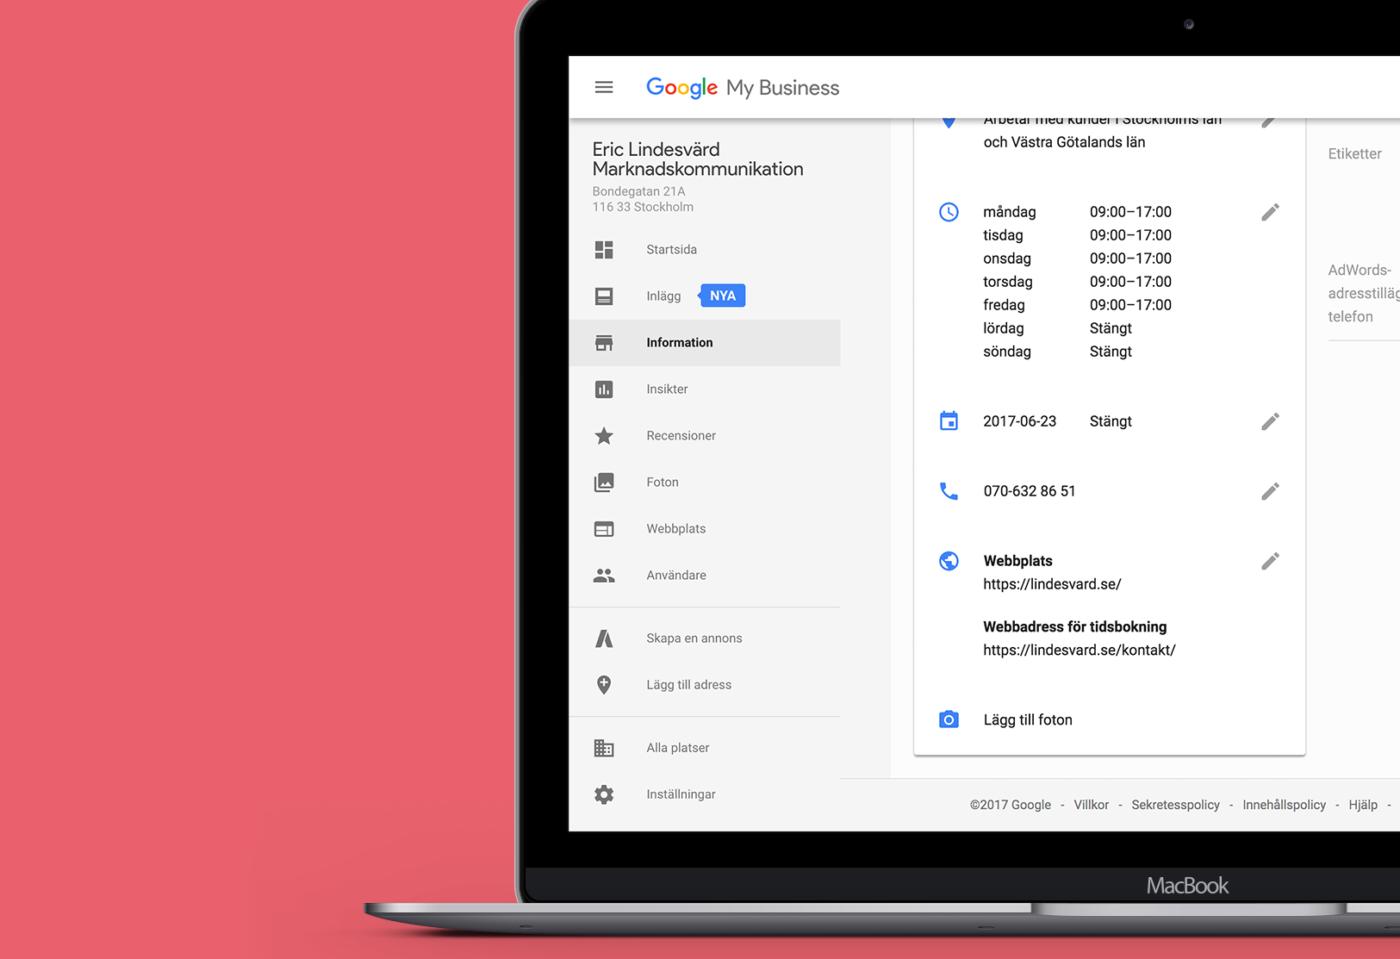 Google My Business, webbadress för tidsbokning